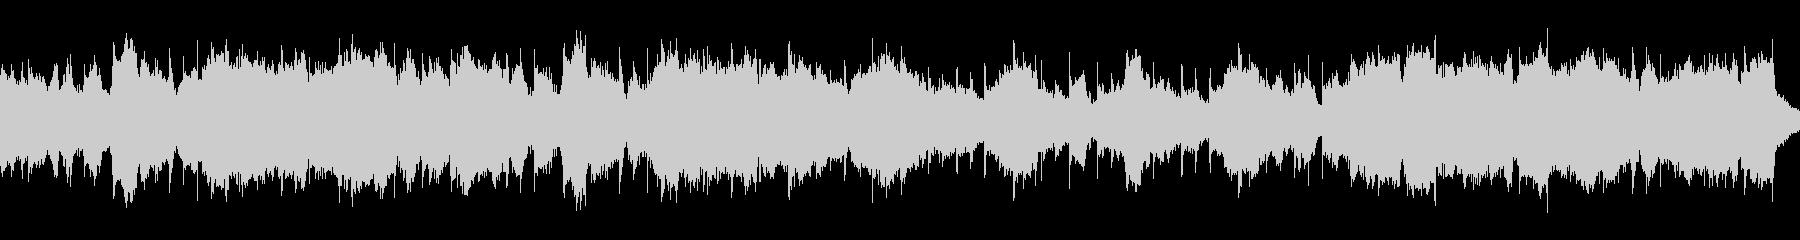 インド風エスニック音楽 シタール タブラの未再生の波形